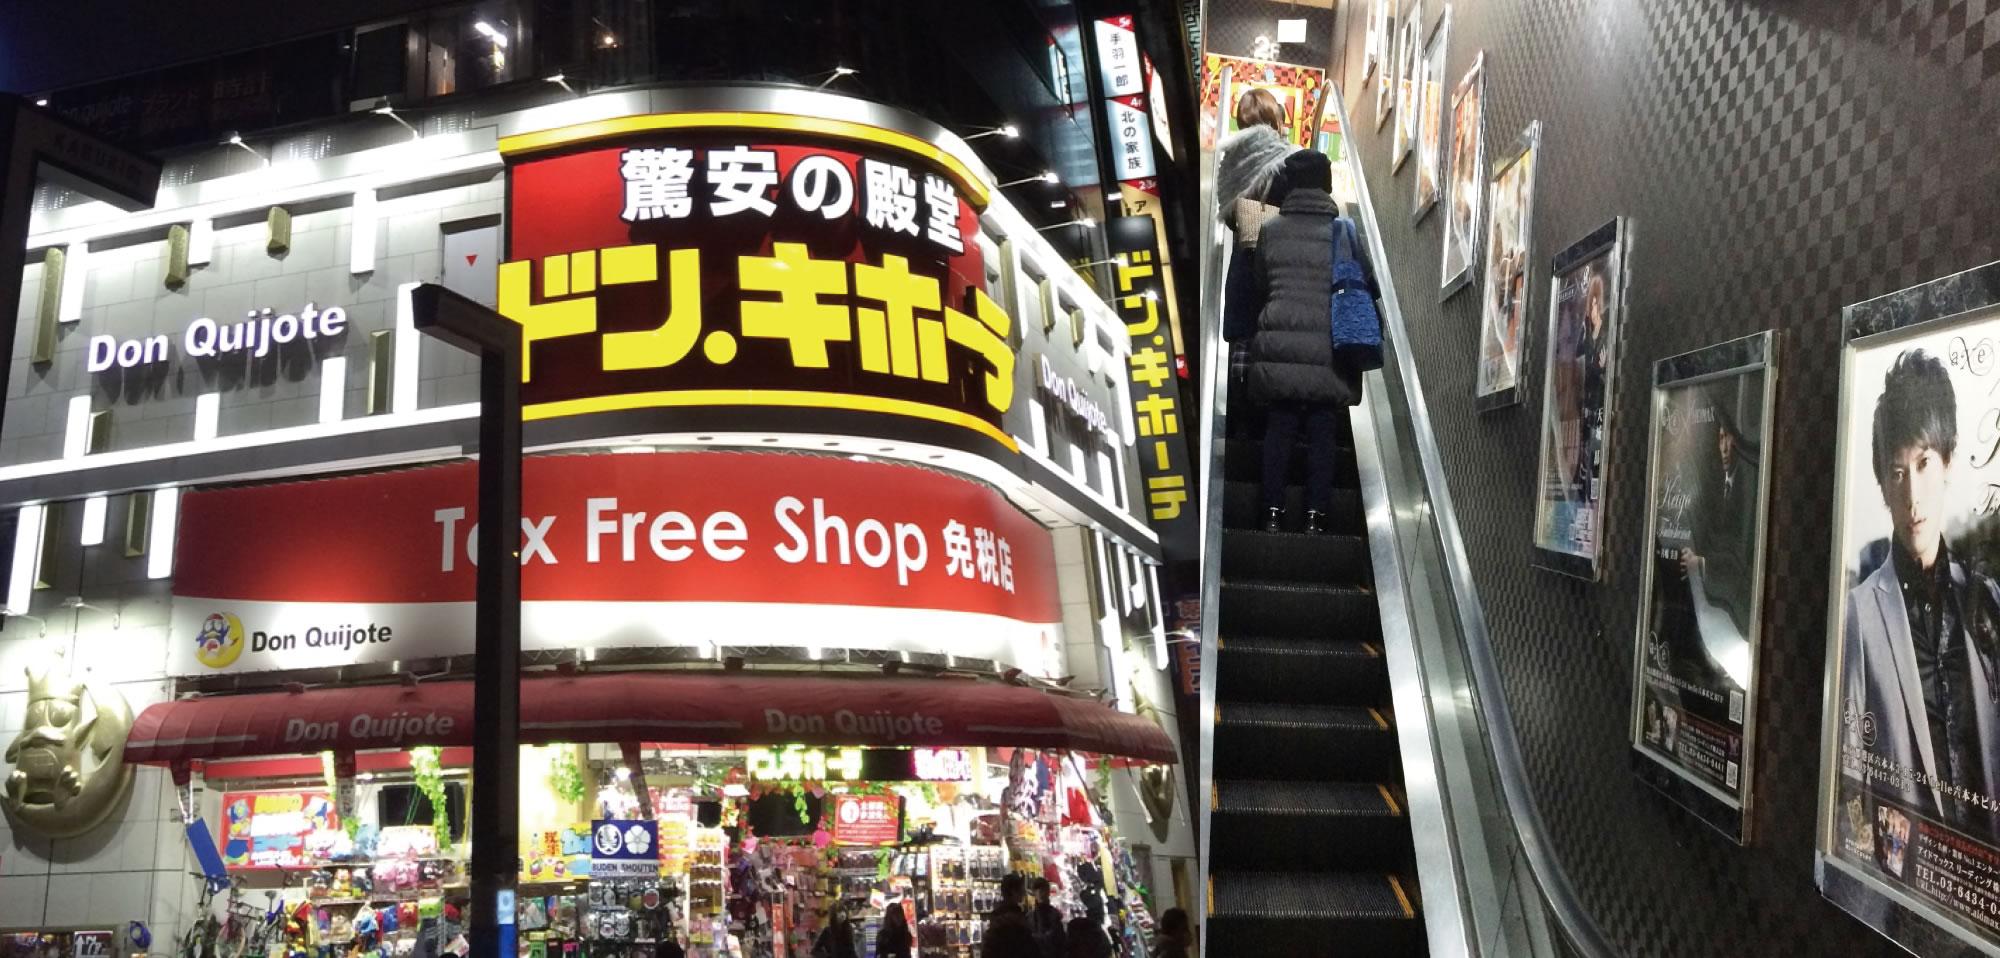 ドン・キホーテ店内ポスター広告 トップ画像